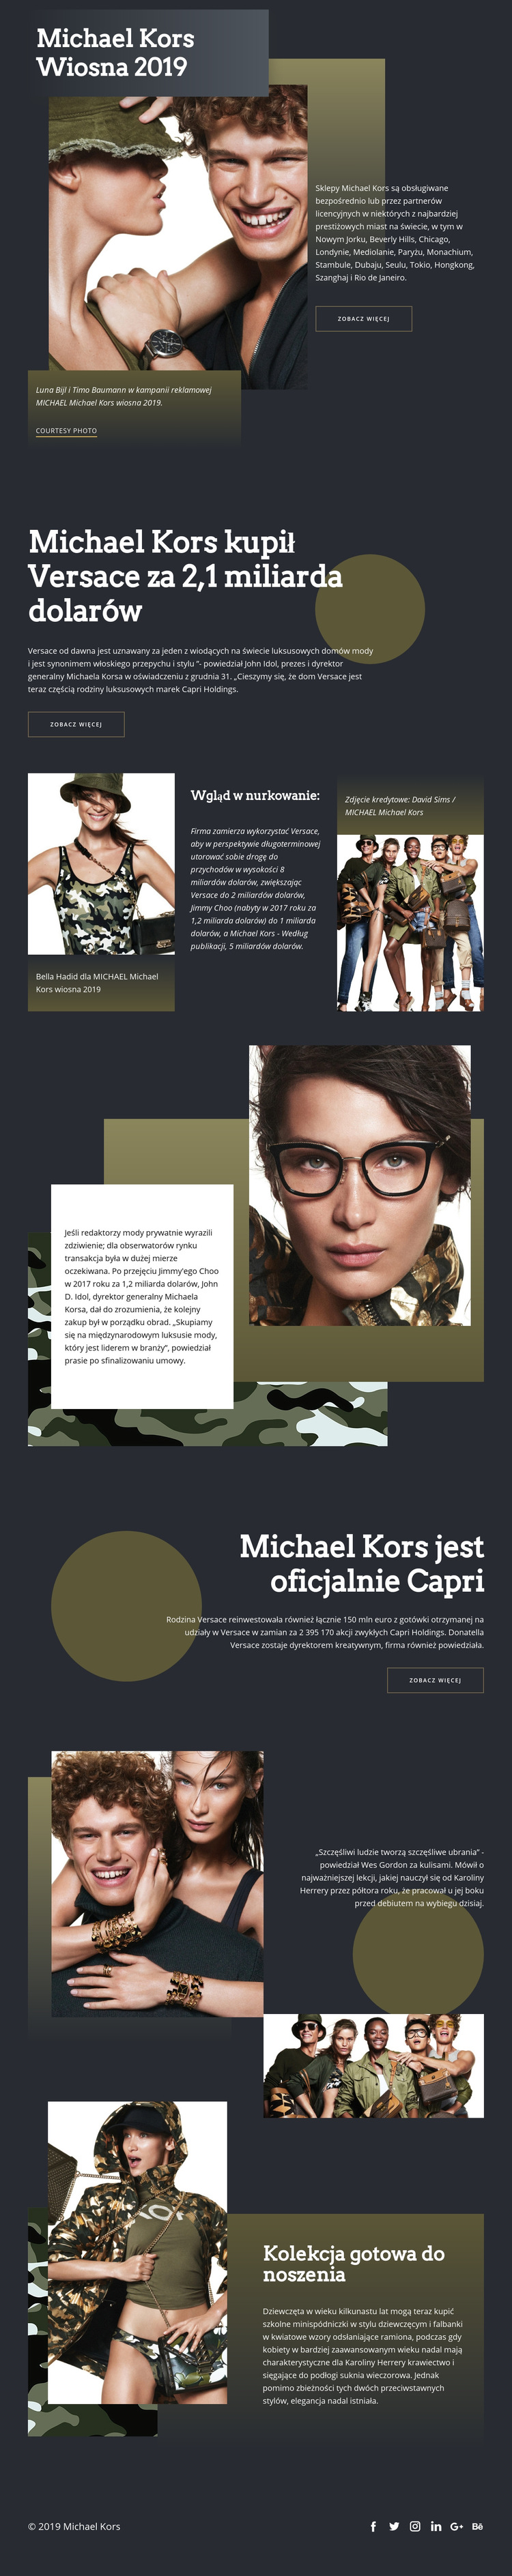 Michael Kors Dark Szablon witryny sieci Web